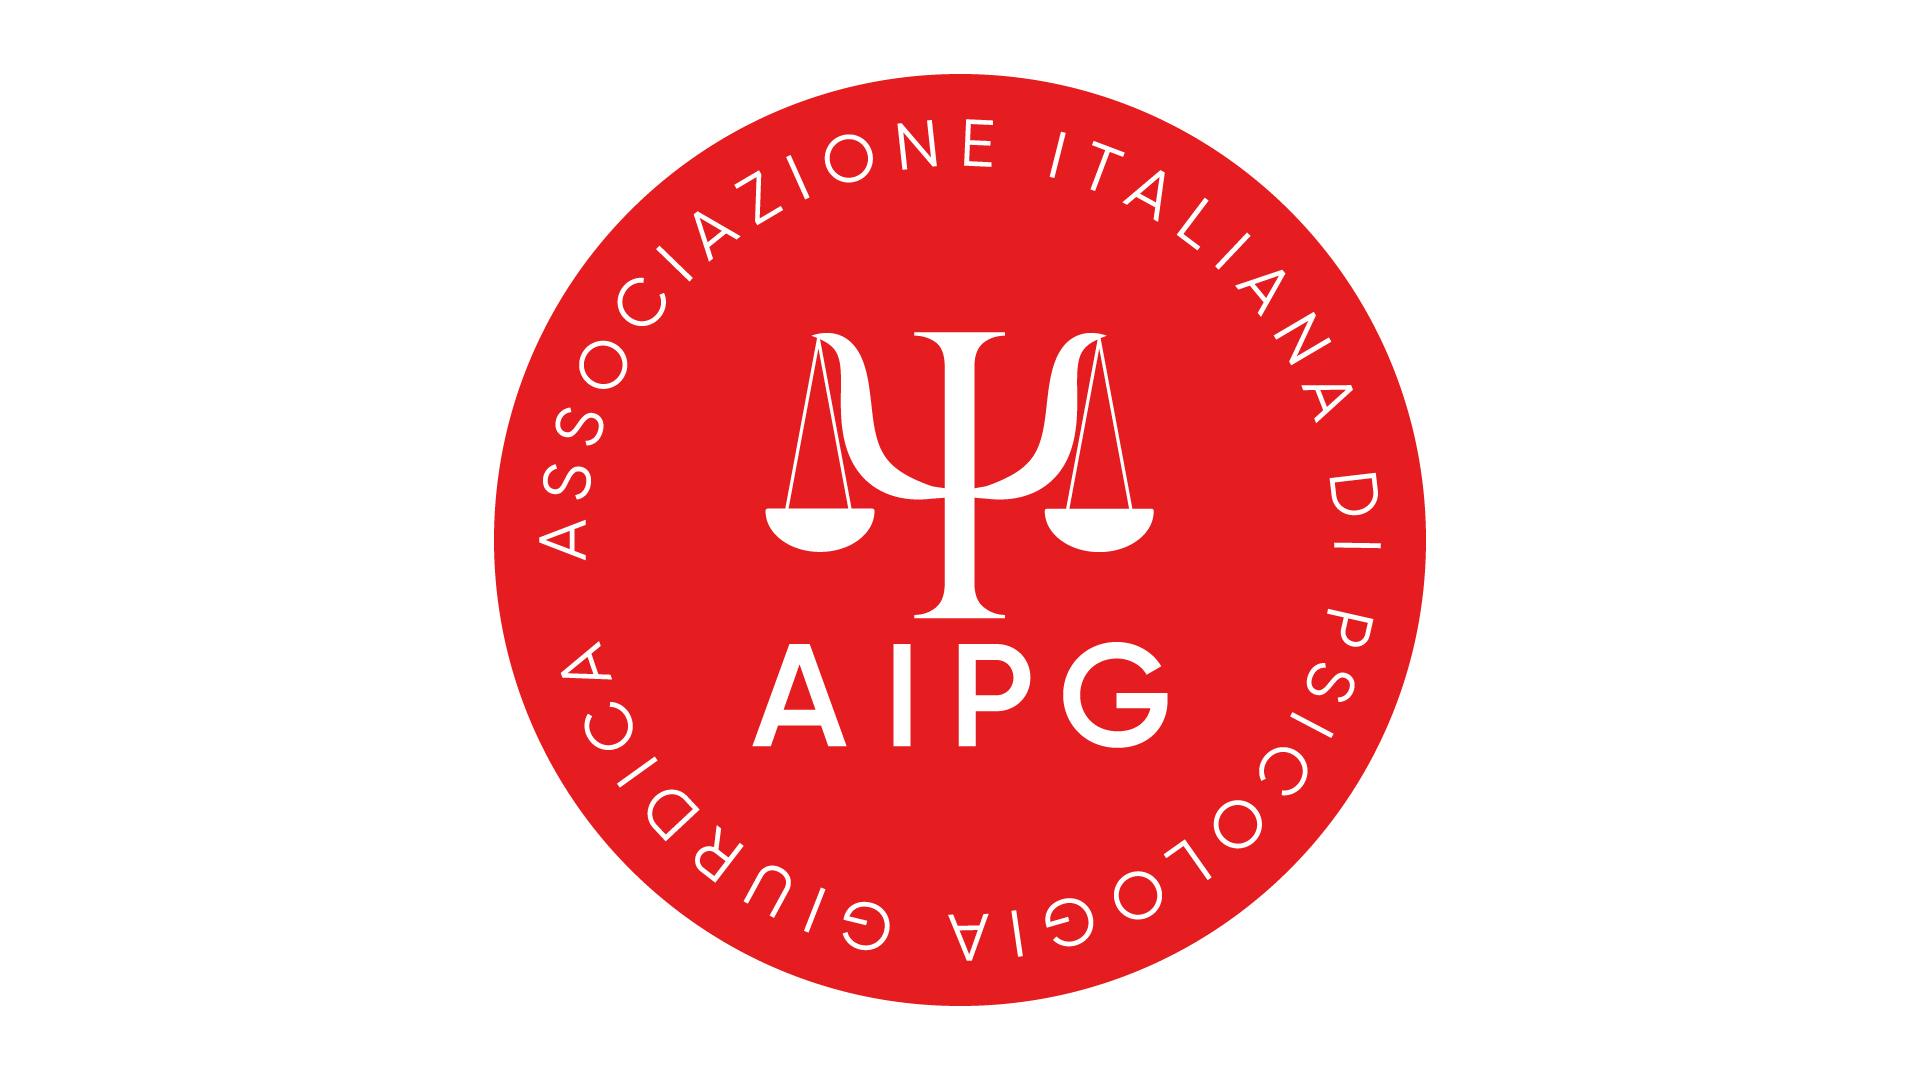 L'AIPG (associazione di psicologi) sostiene gli emendamenti Valente